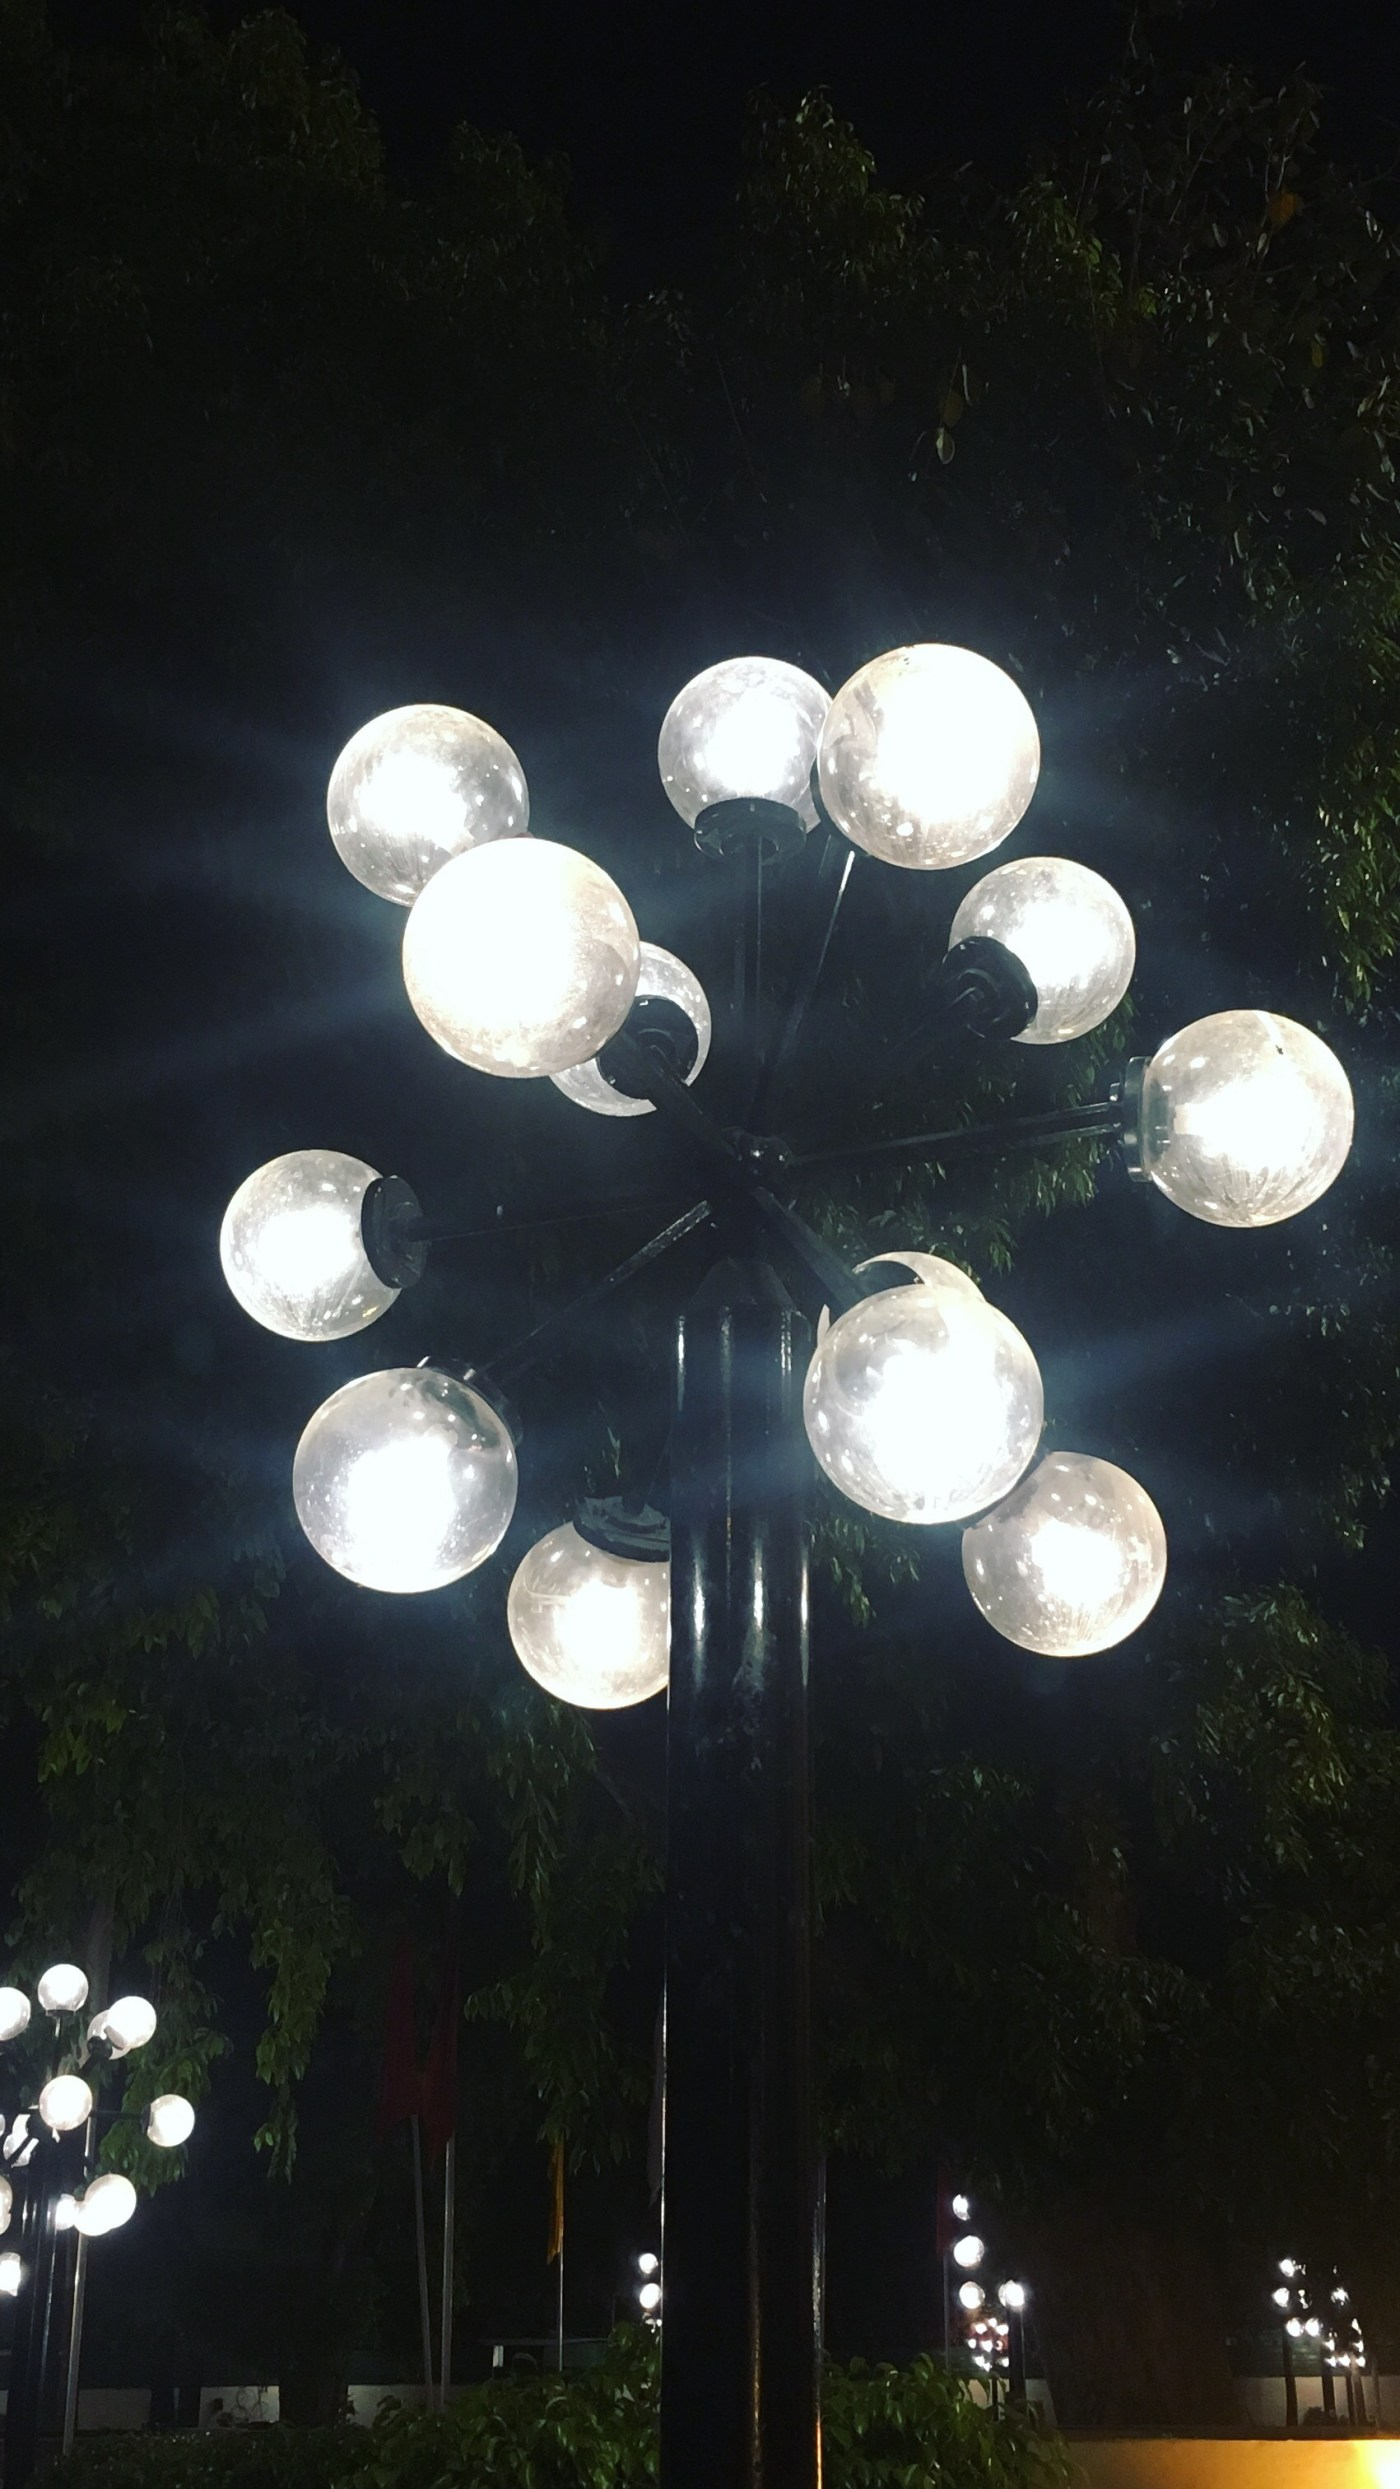 lights in Delhi, india